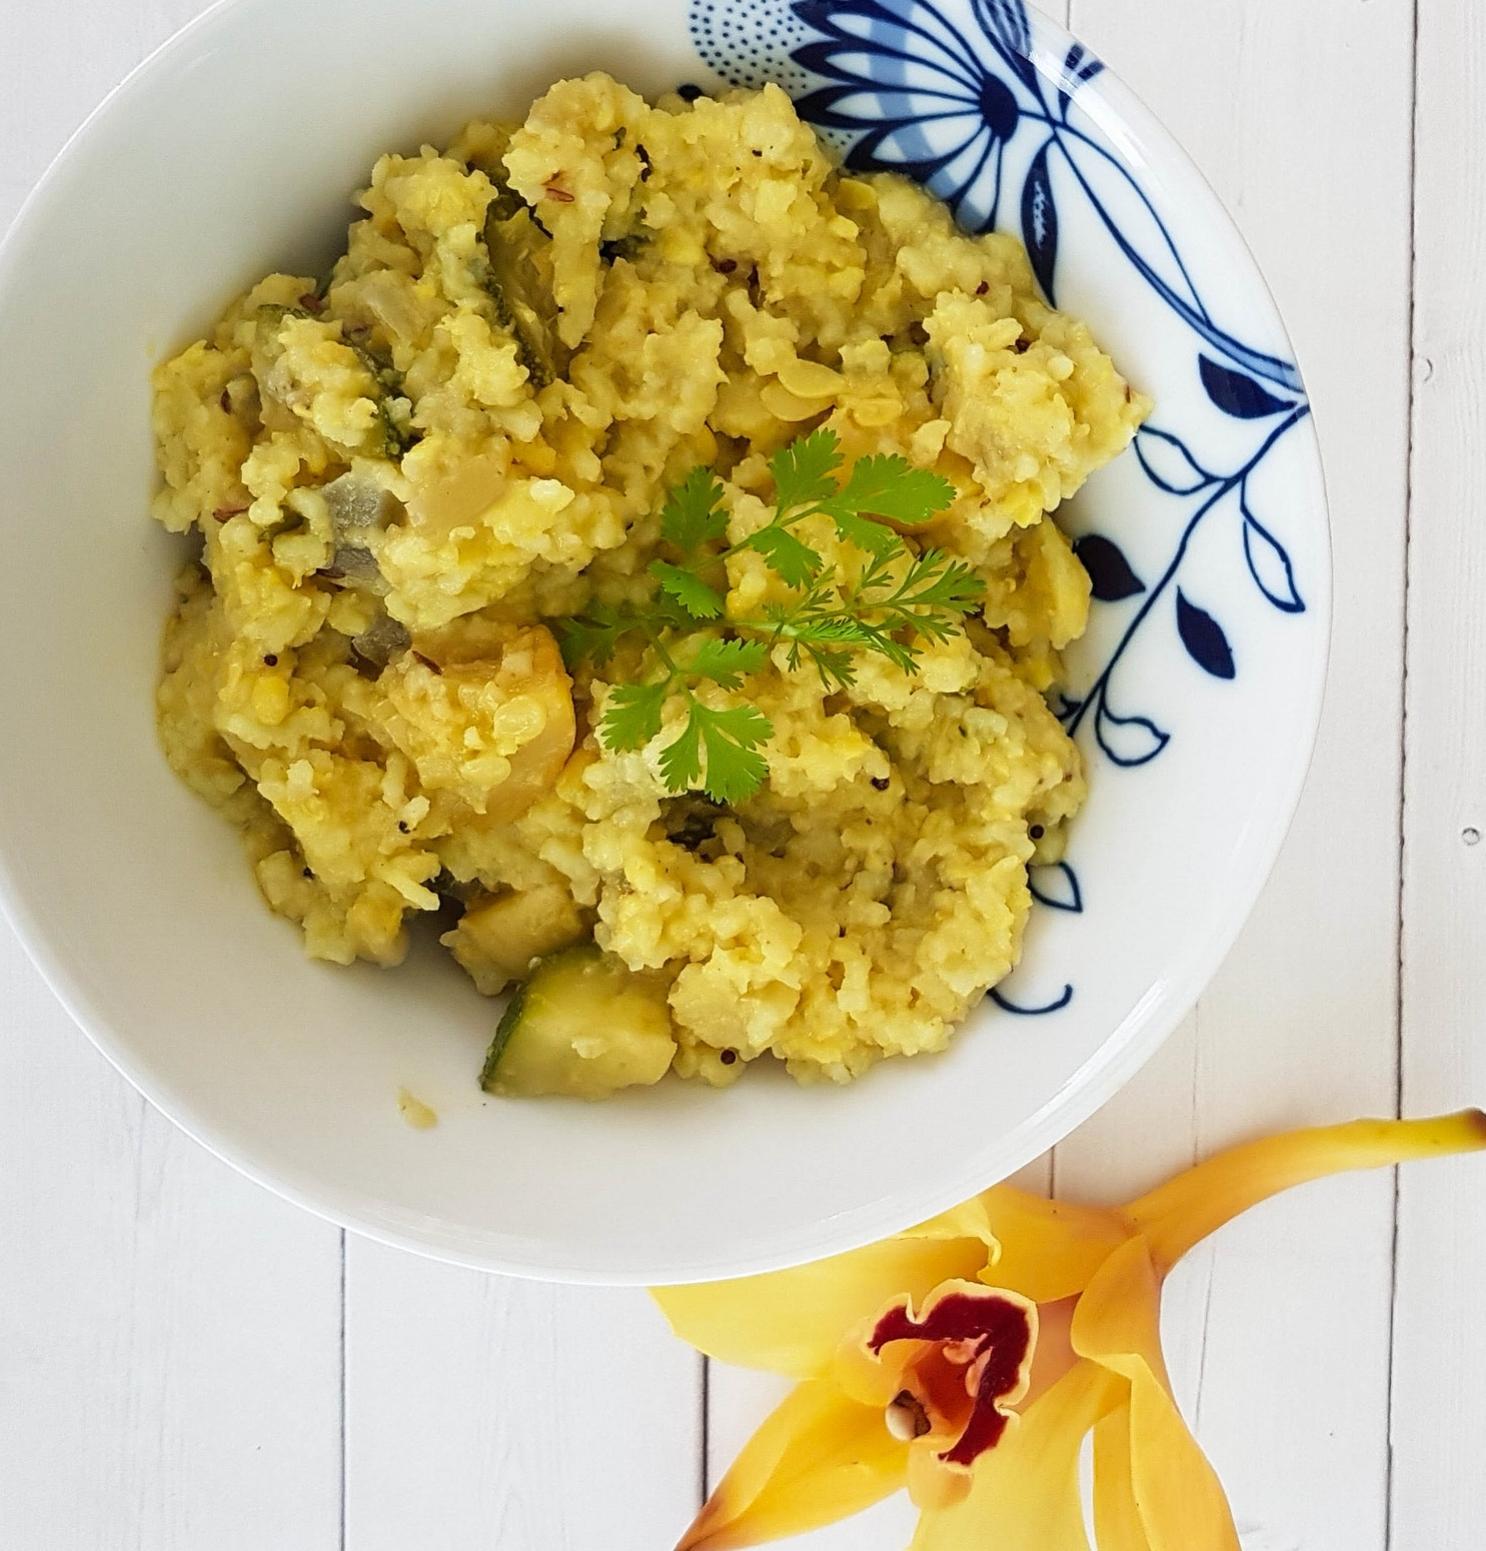 Zucchini_Kitchari 3 BLOG.jpg